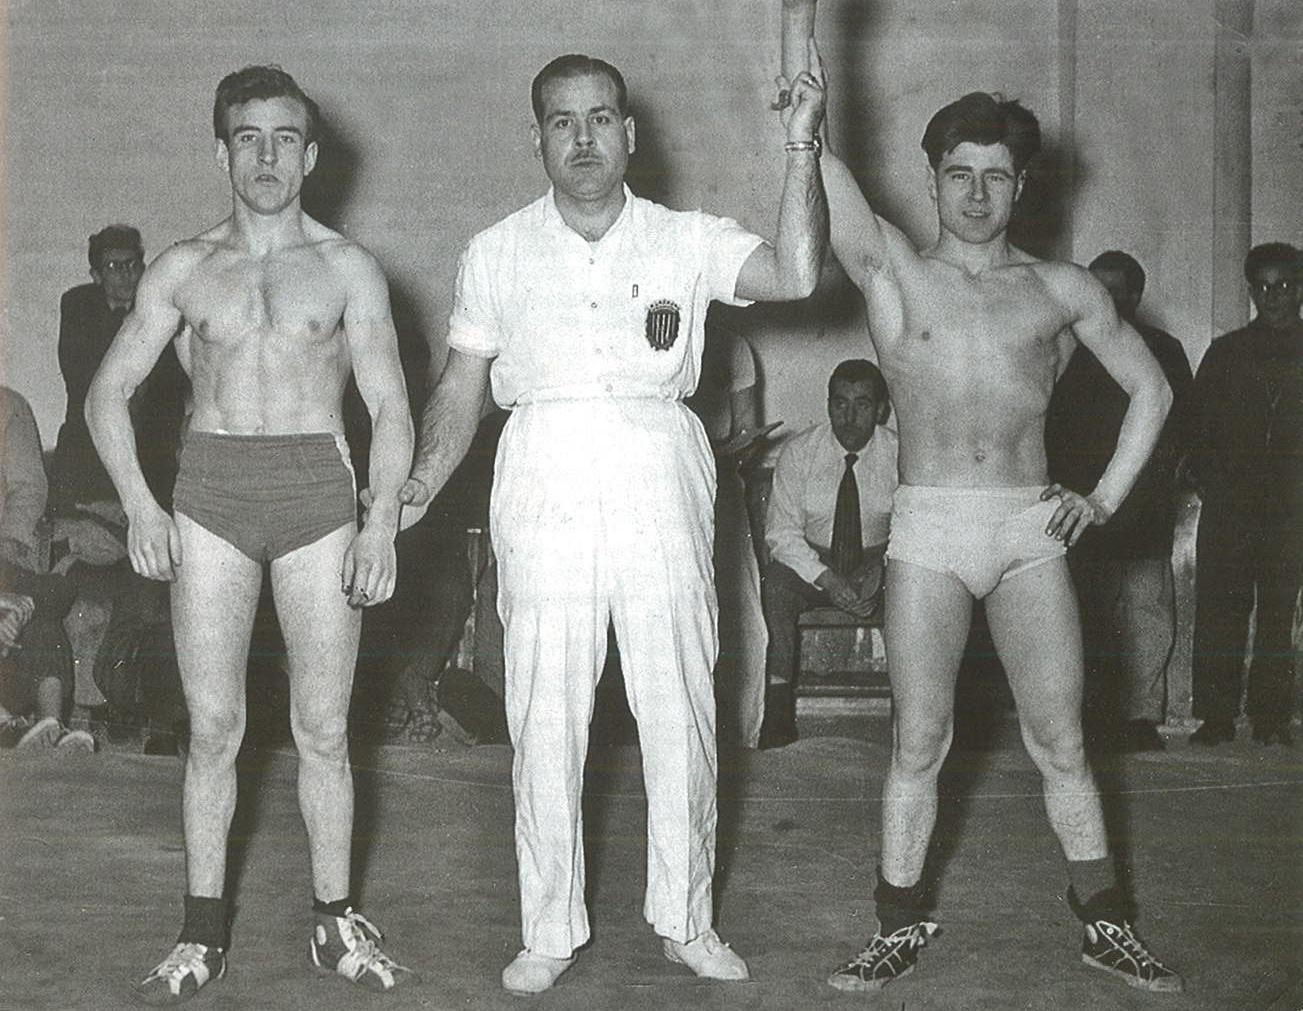 Ganador en el campeonato de lucha grecorromana. Barcelona (España), c. 1955